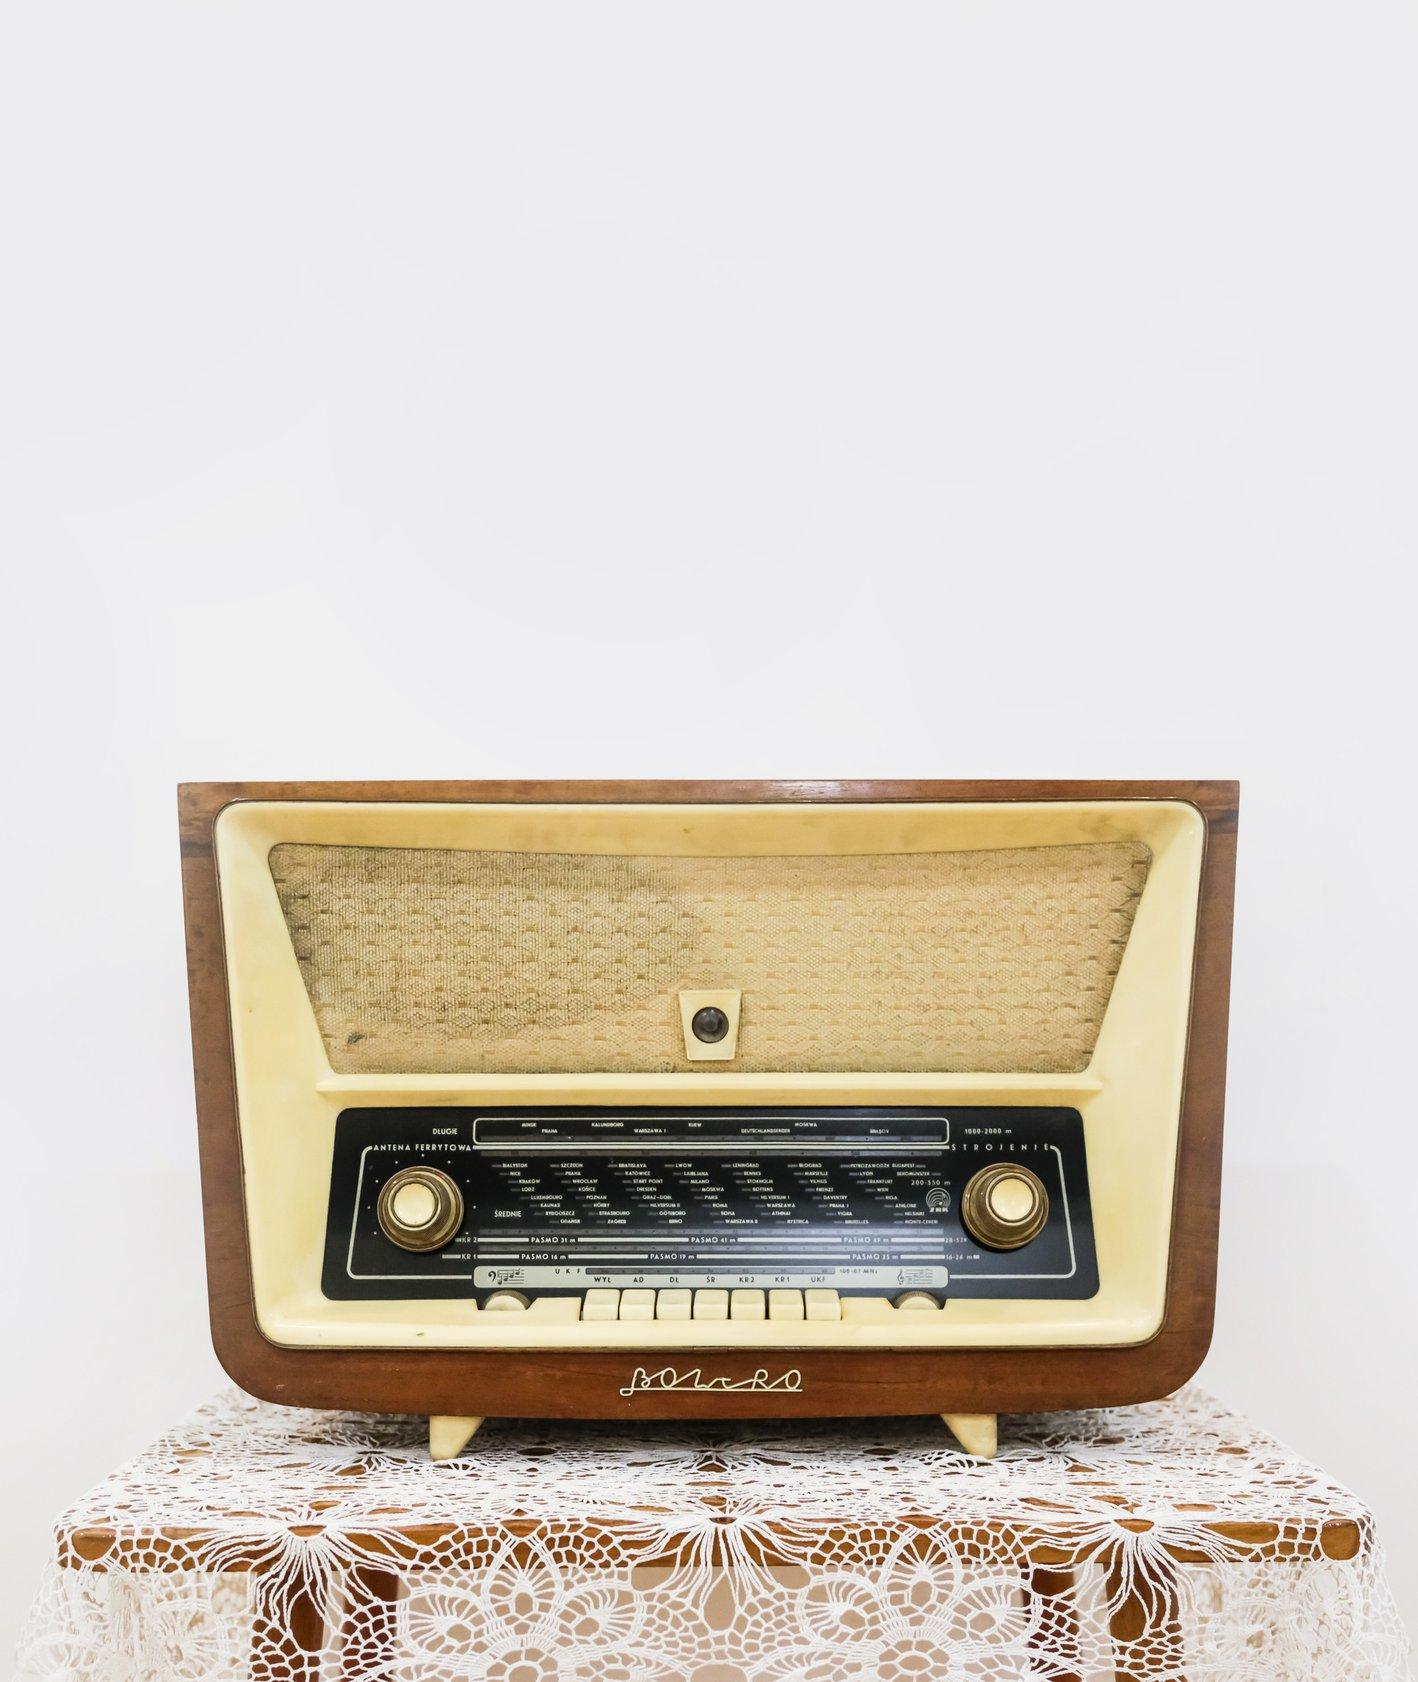 Stare radio firmy Bolero z okresu PRL (fot. Witalis Szołtys)